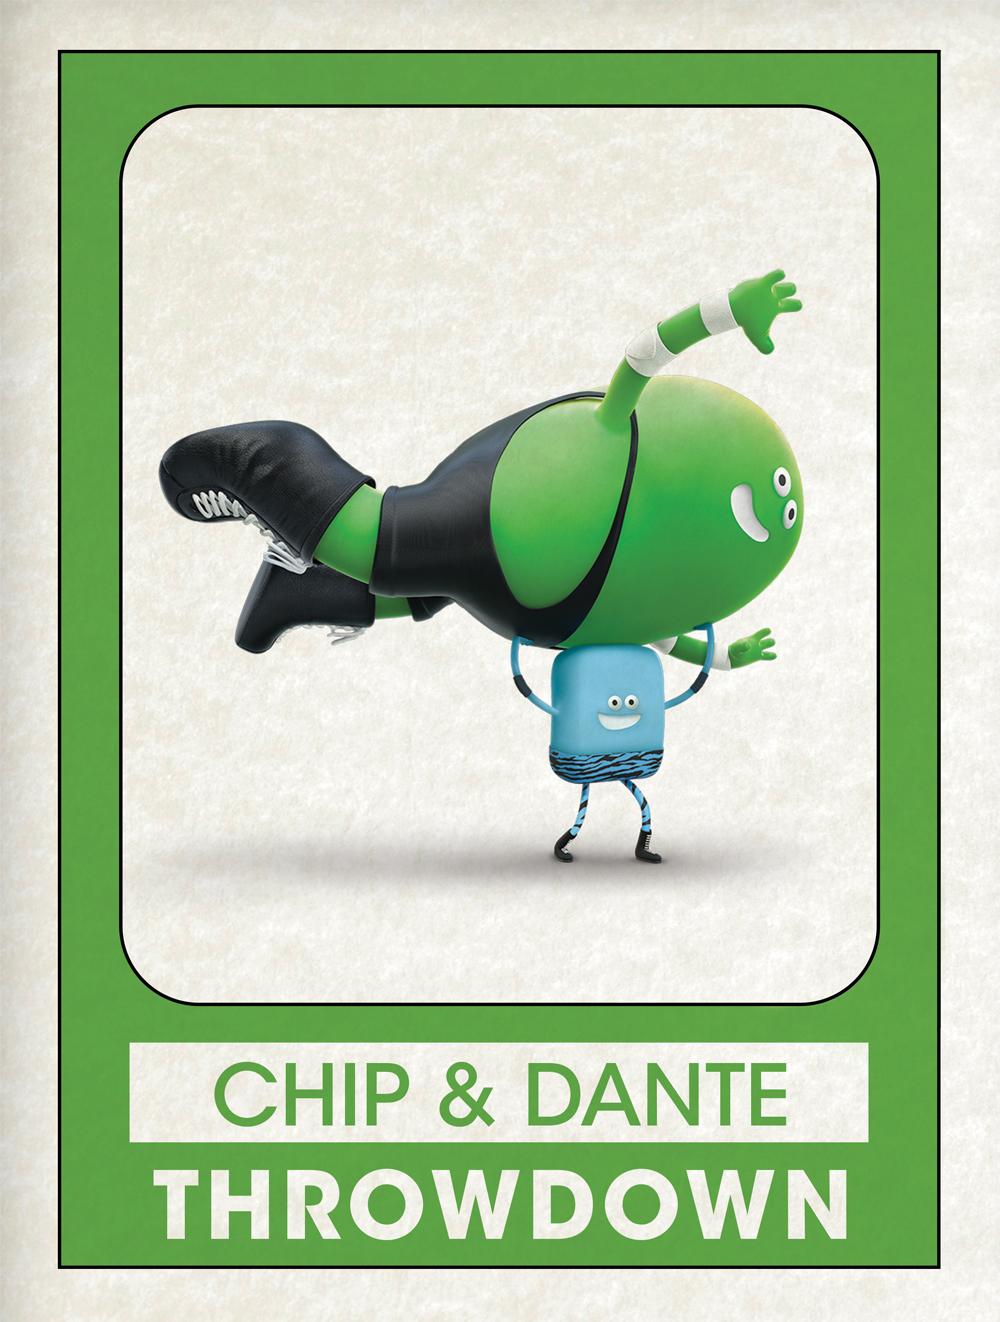 chip-dante-wrestling-green.jpg